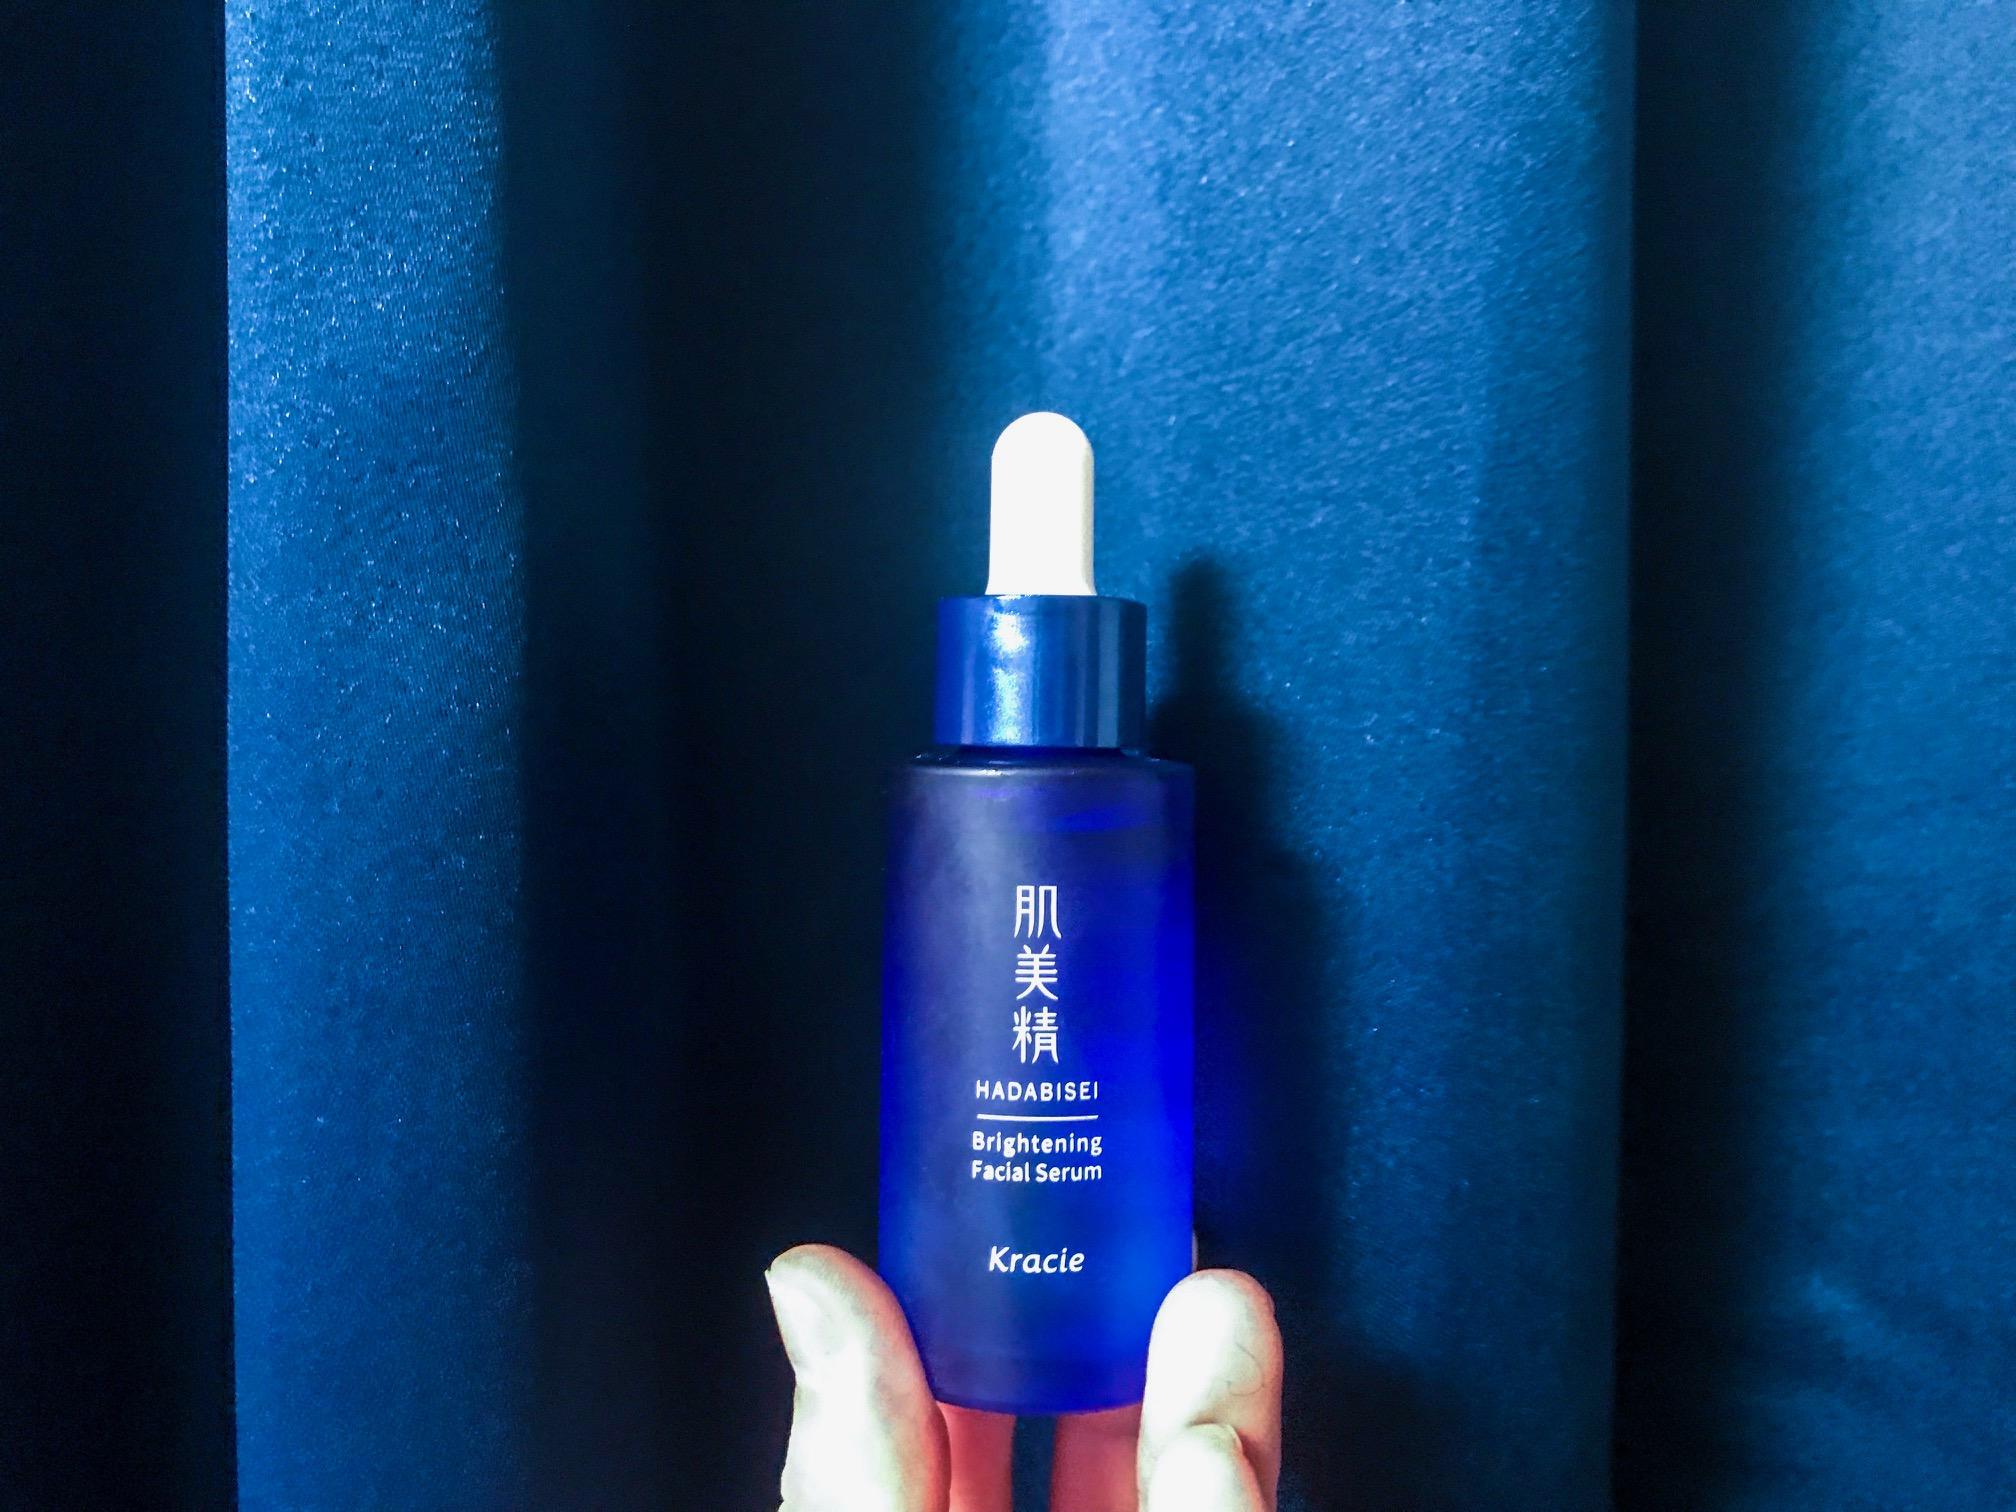 美白化粧品特集 - シミやくすみ対策・肌の透明感アップが期待できるコスメは? 記事Photo Gallery_1_2